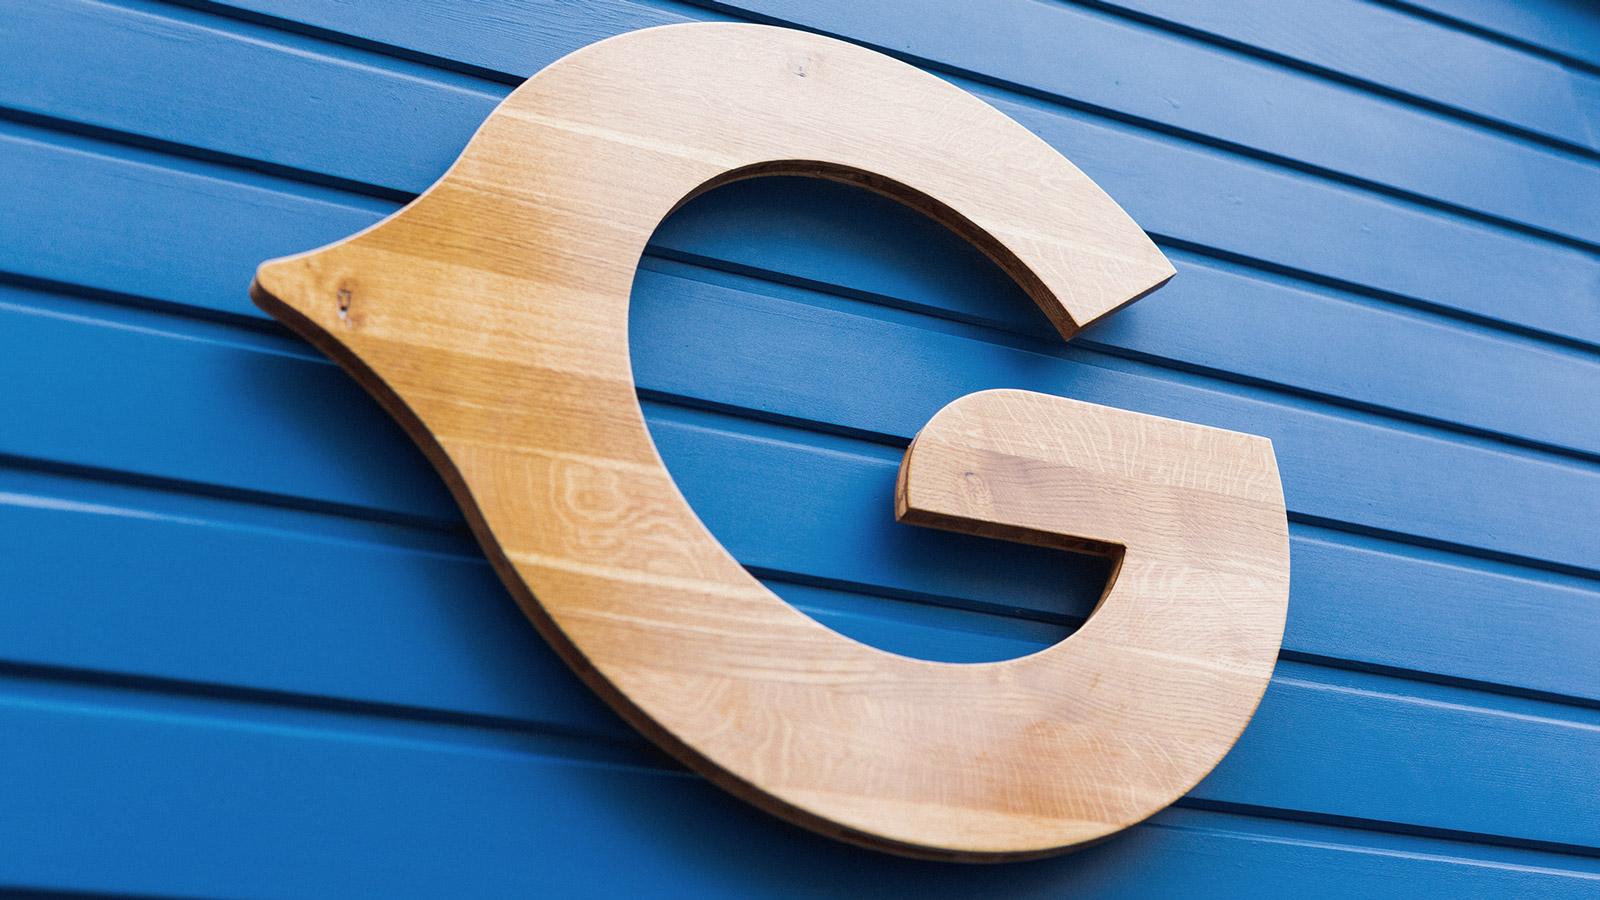 antoine-cornou-gwaien-restaurant-detail-logo